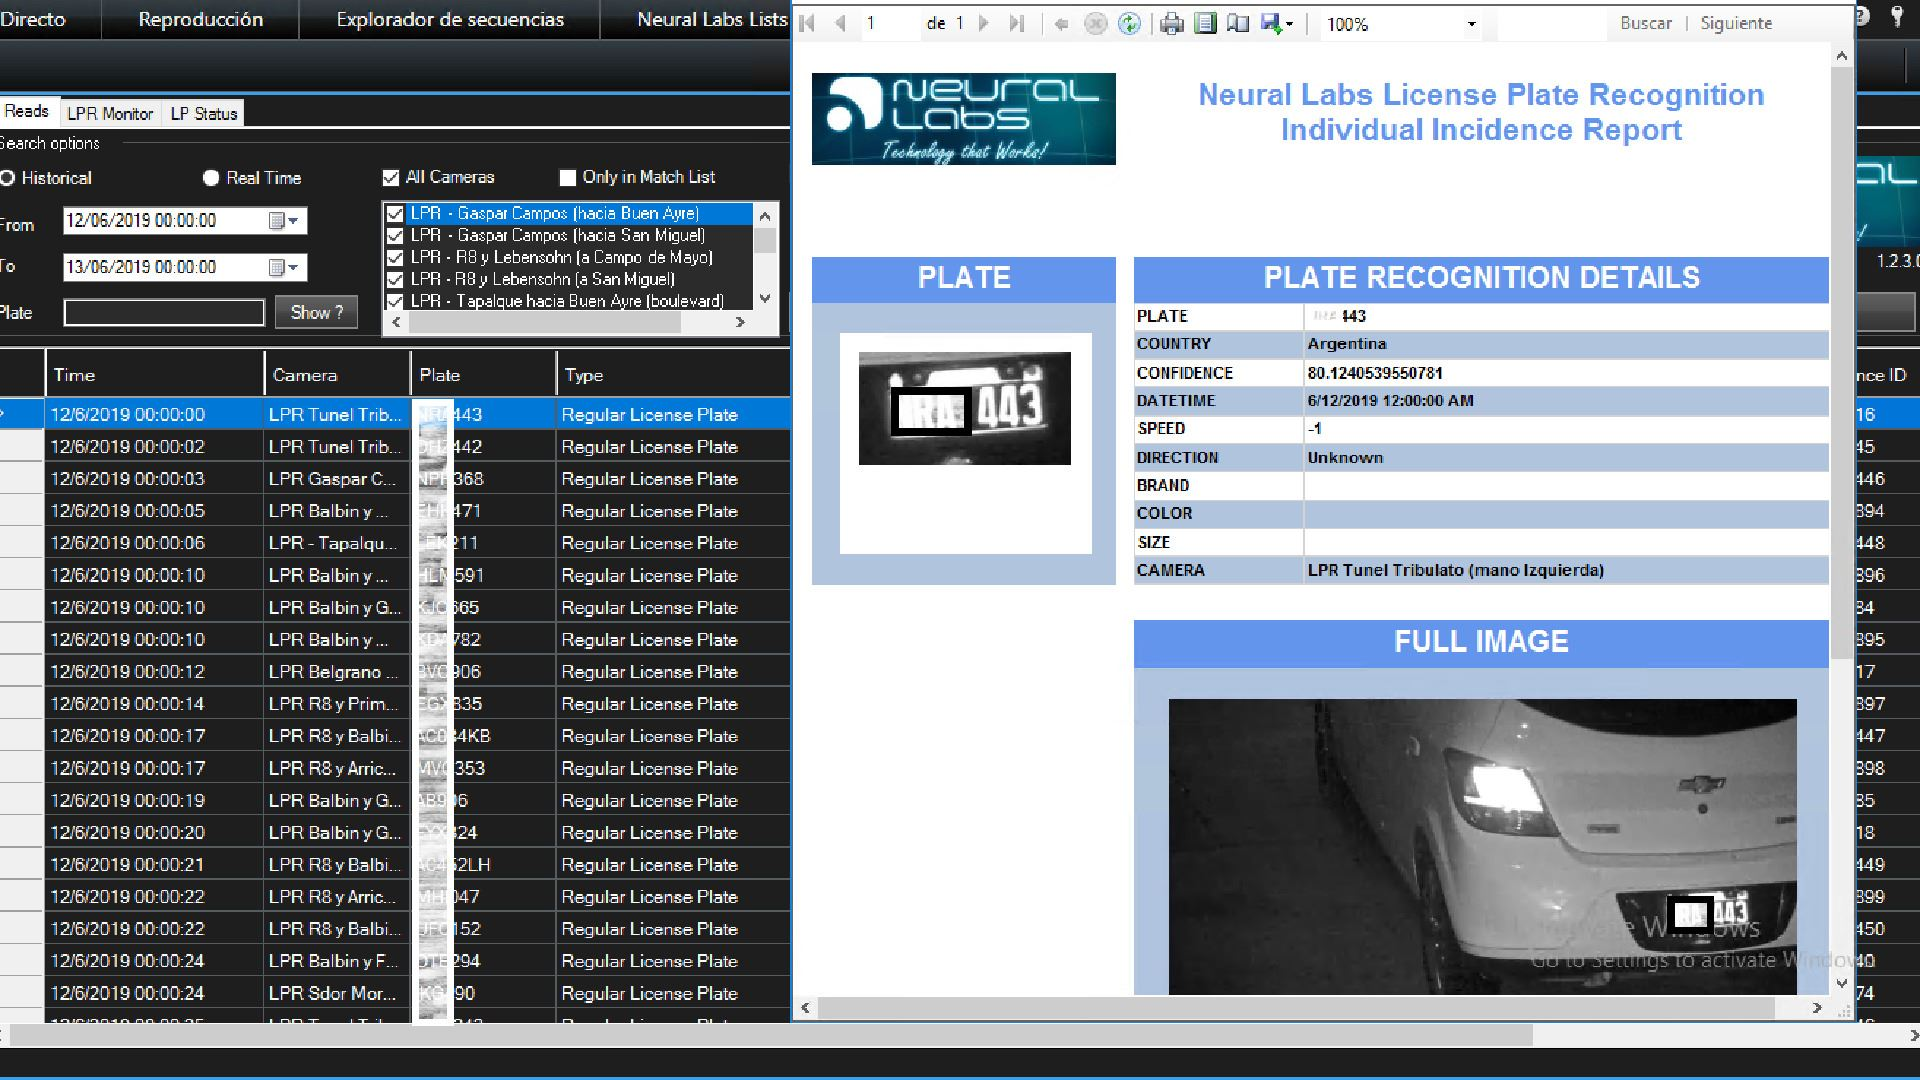 NEURAL SERVER Vehicle recognition platform based on LPR/ANPR